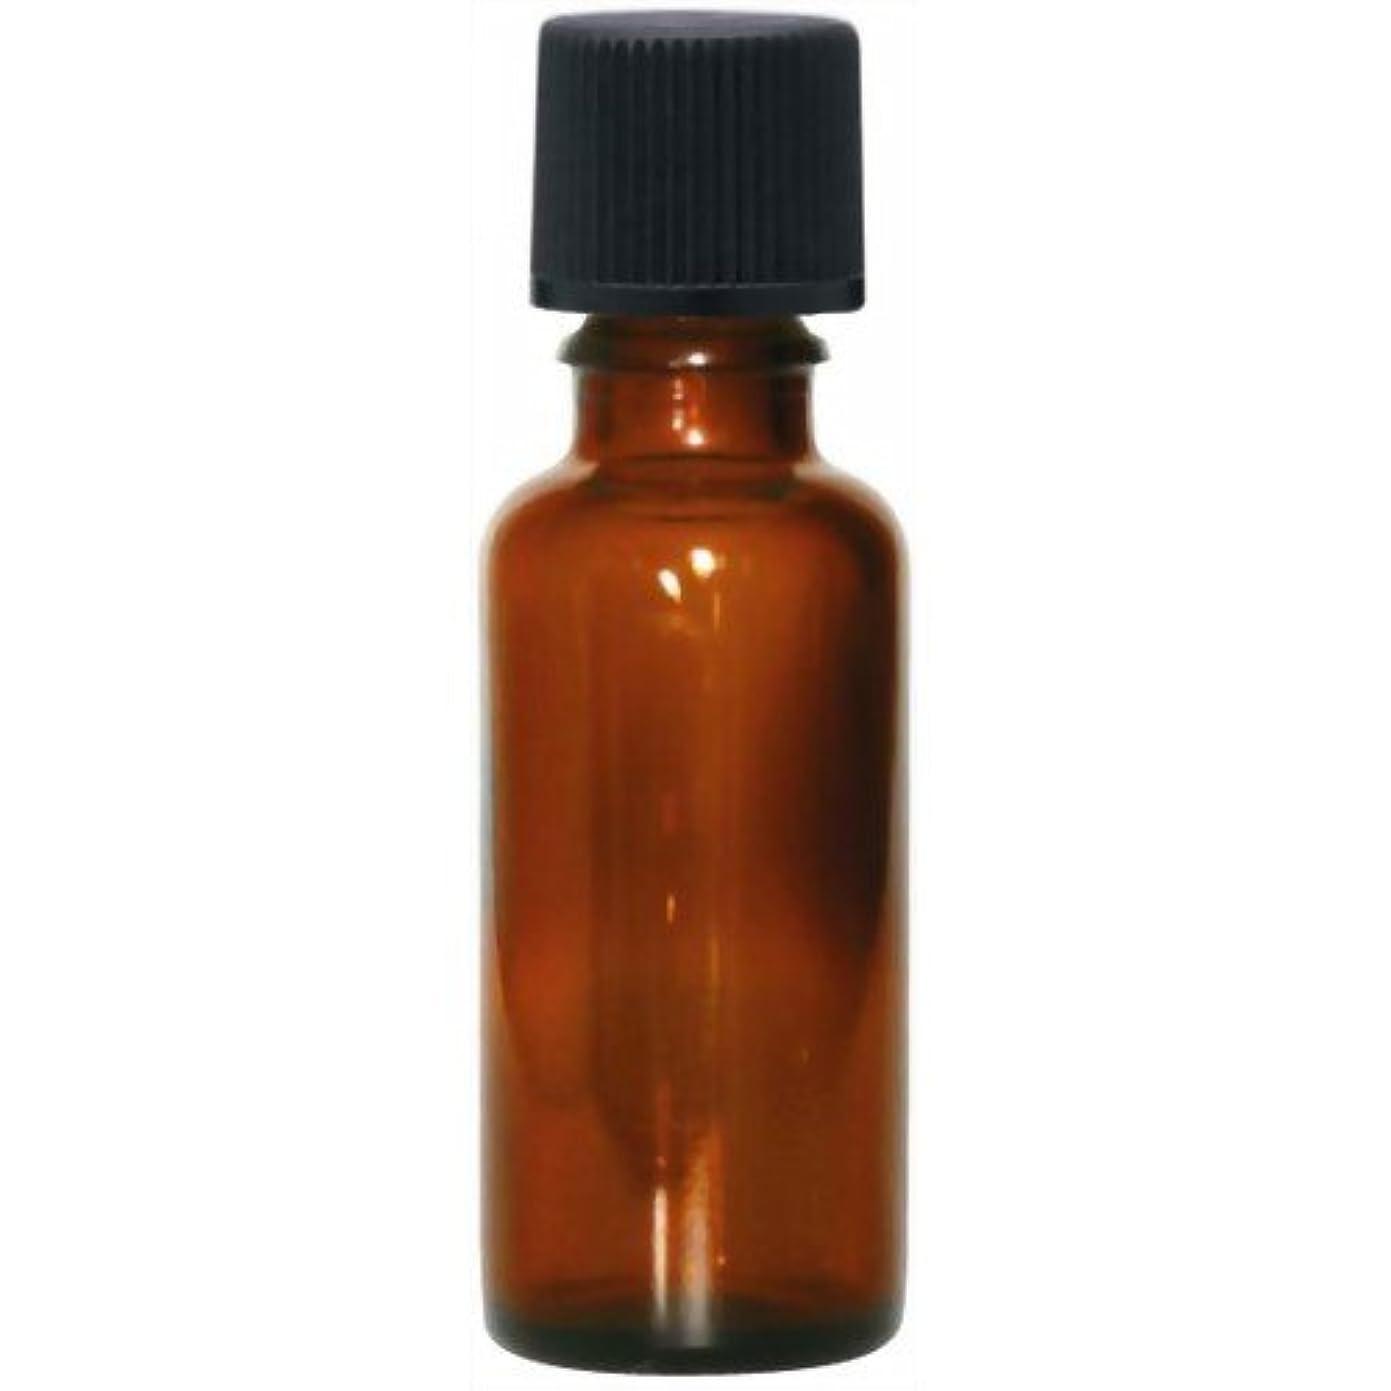 機構責める木製茶色遮光瓶30ml(黒キャップ)